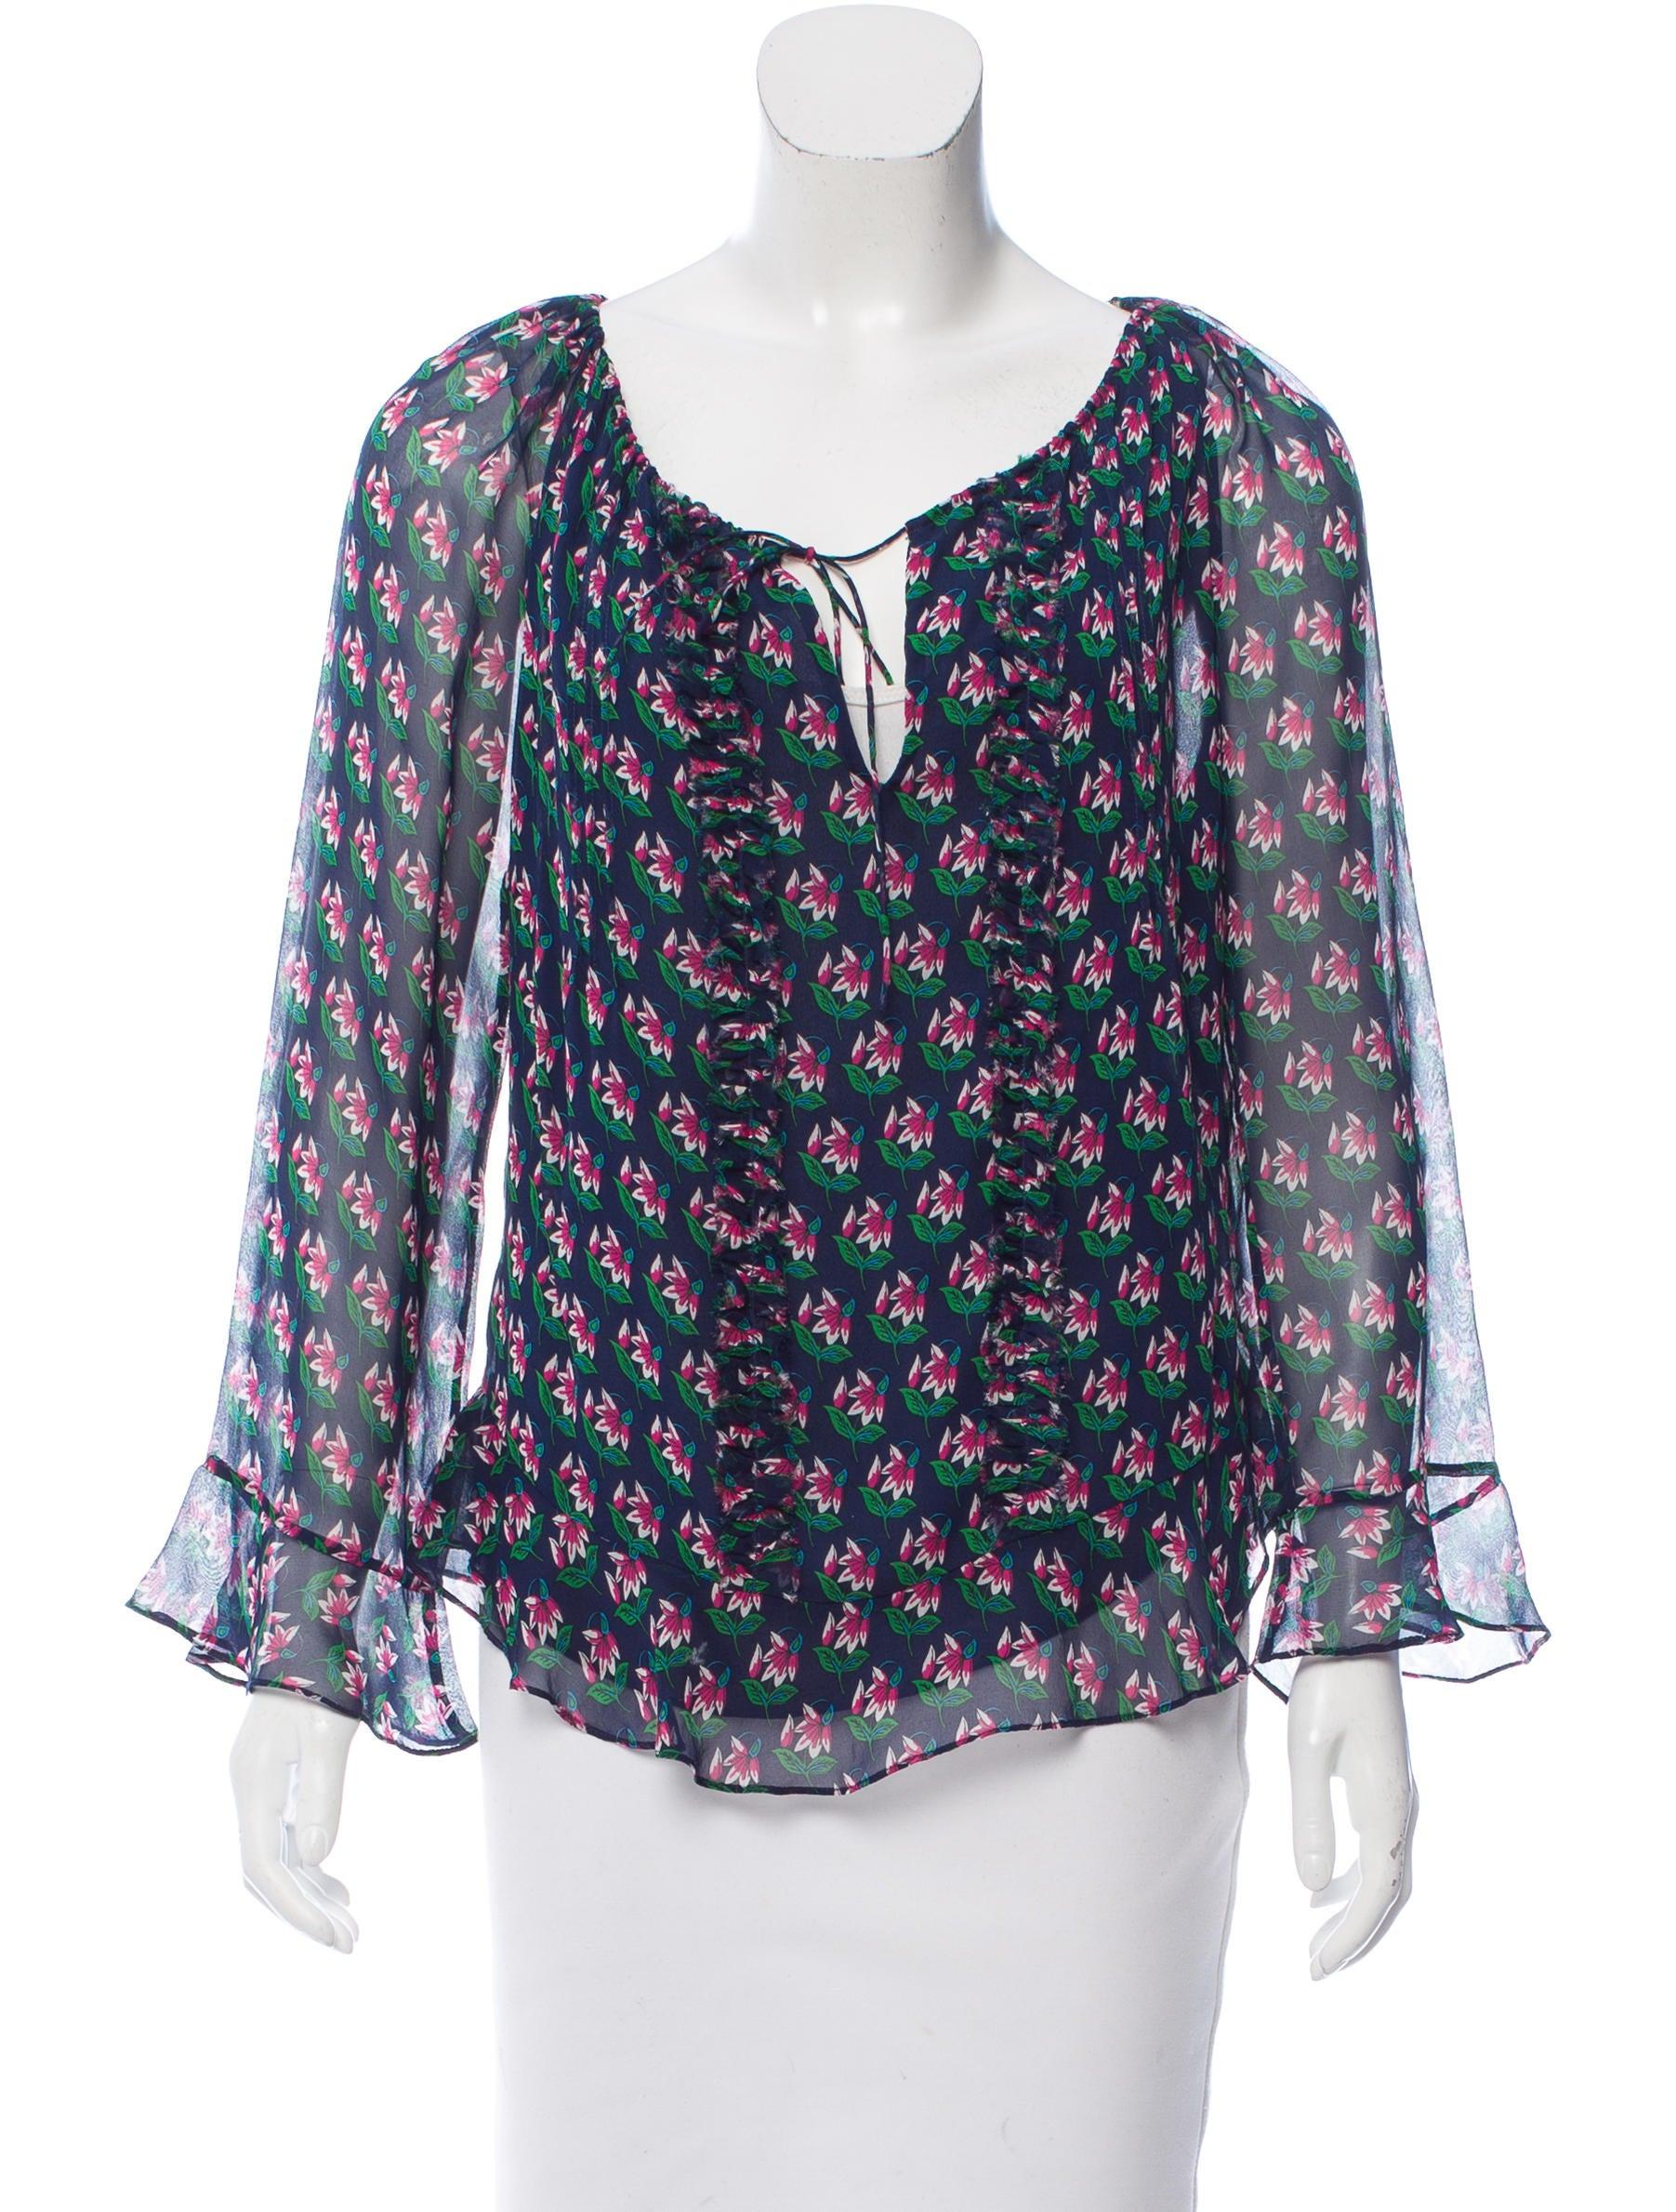 Diane von furstenberg silk ruffled blouse clothing for Diane von furstenberg shirt